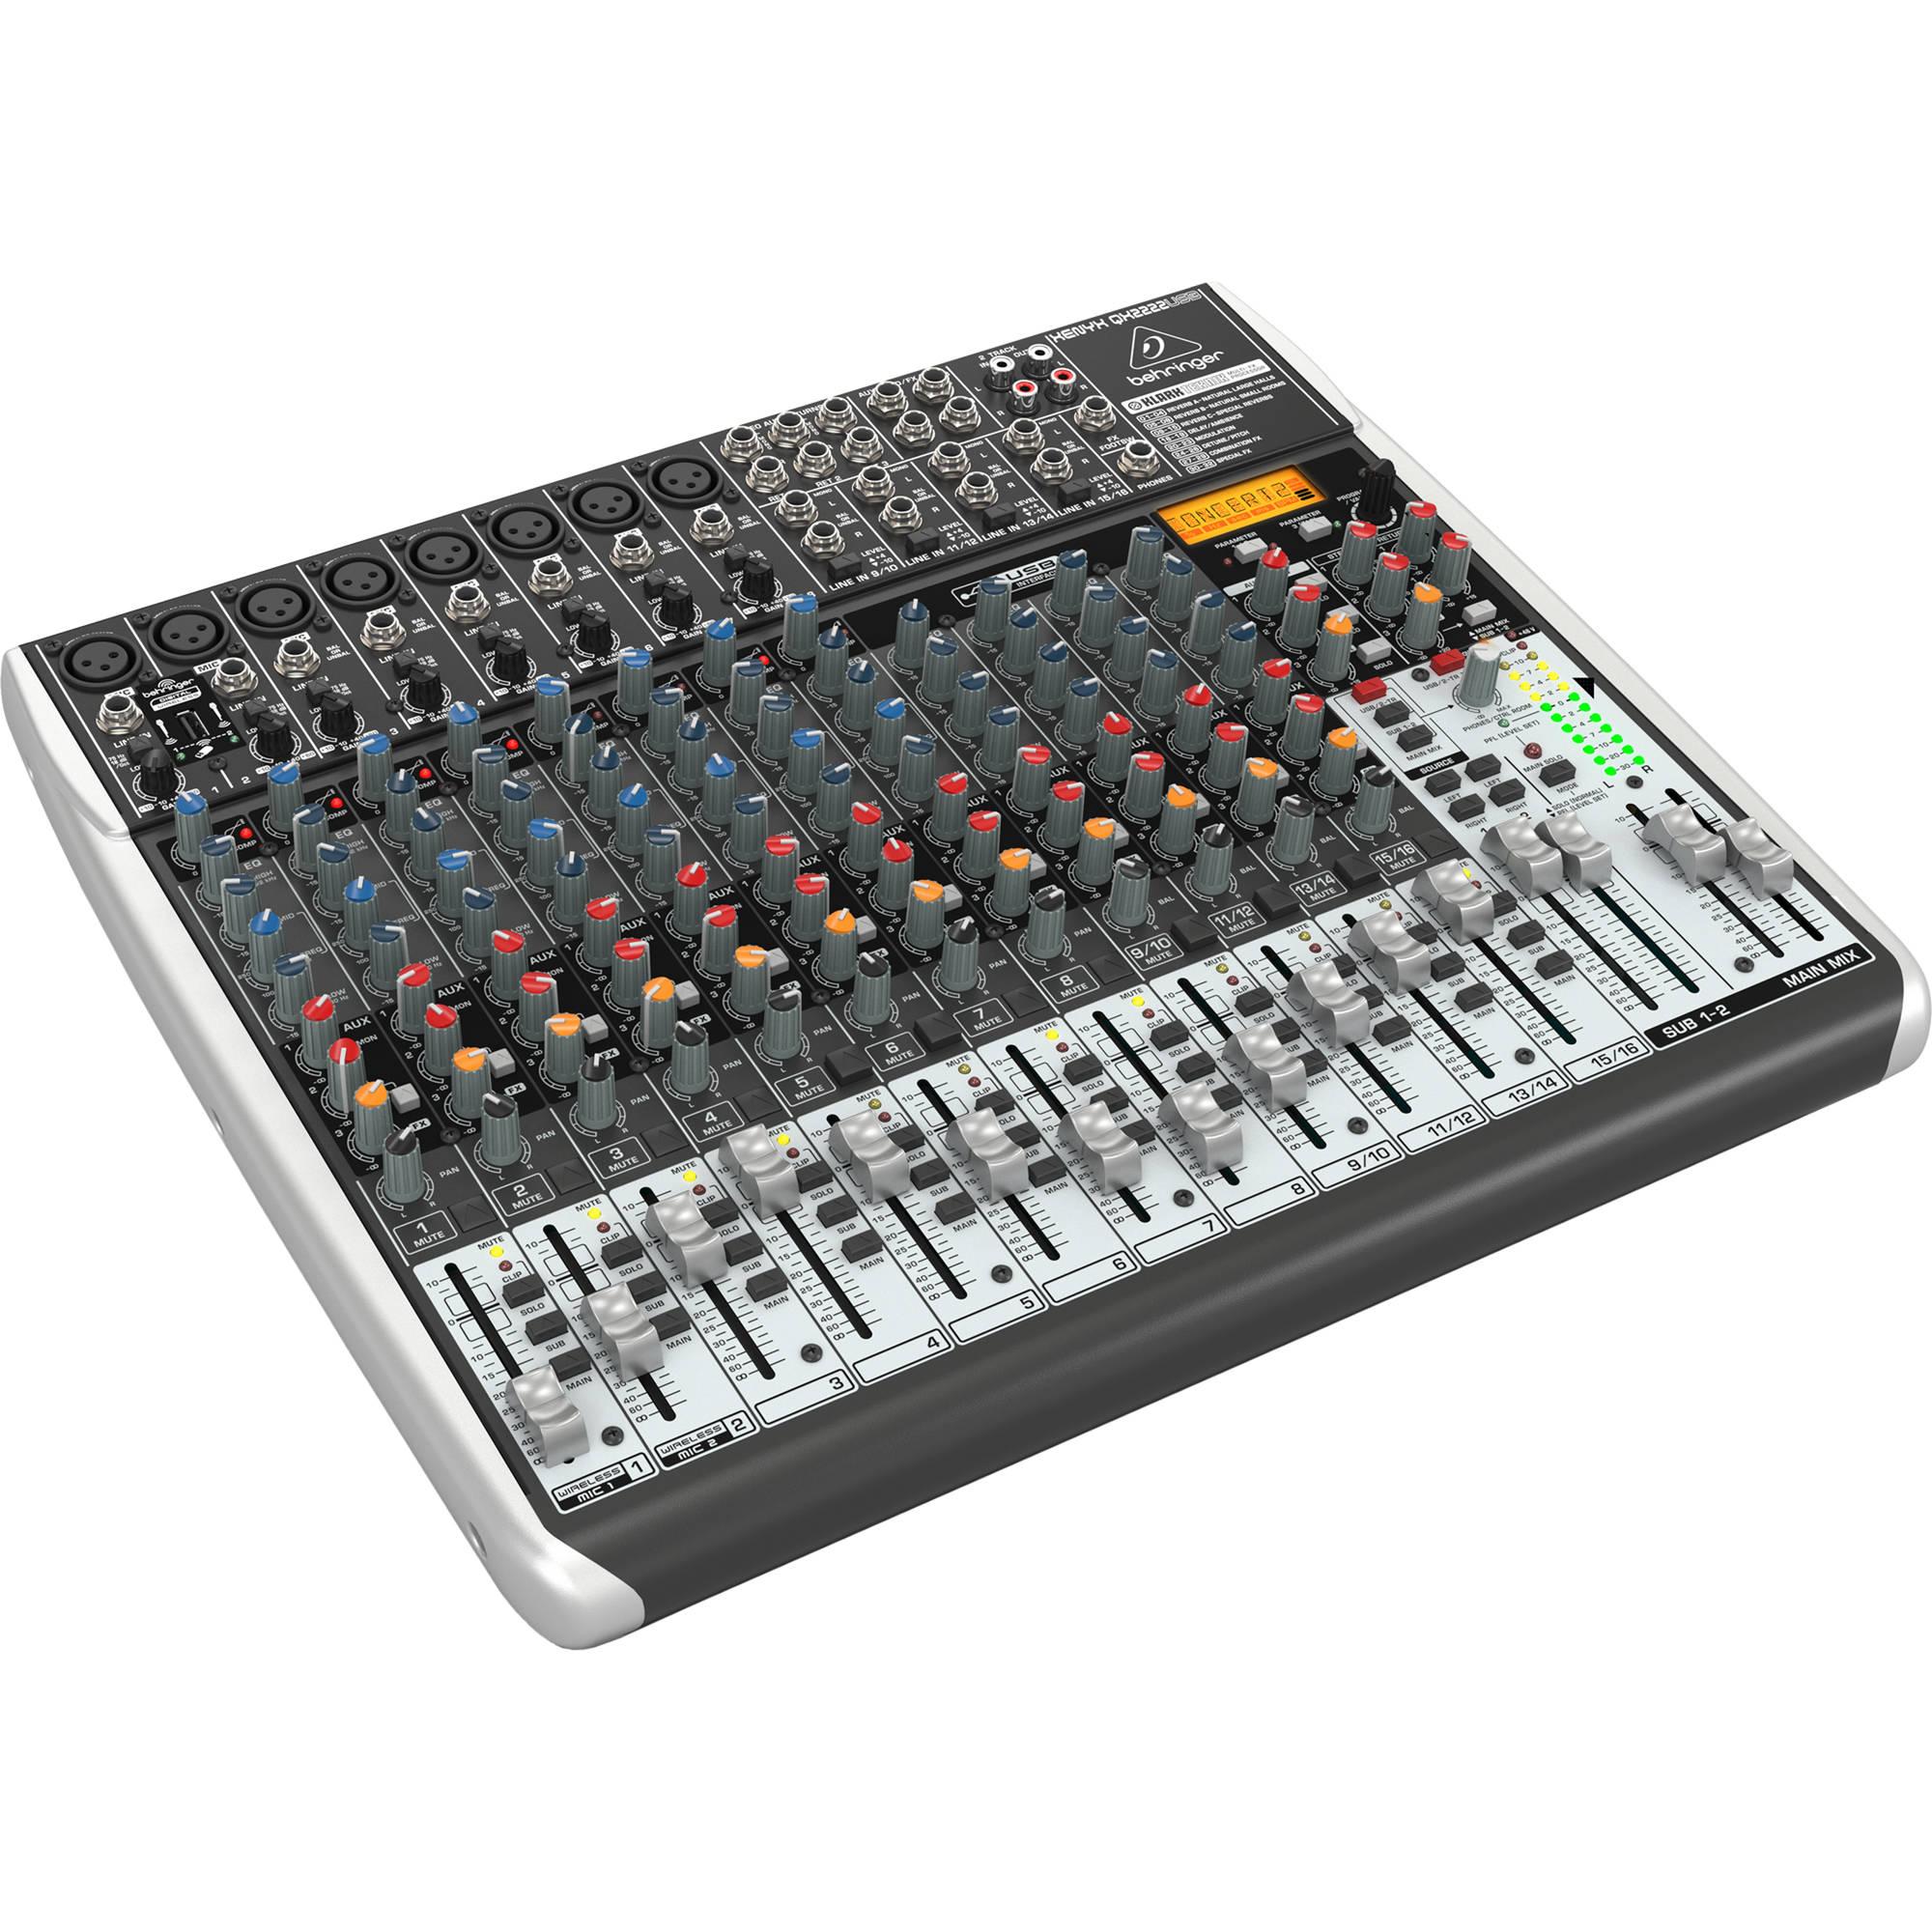 behringer xenyx qx2222usb 22 input usb audio mixer qx2222usb b h. Black Bedroom Furniture Sets. Home Design Ideas